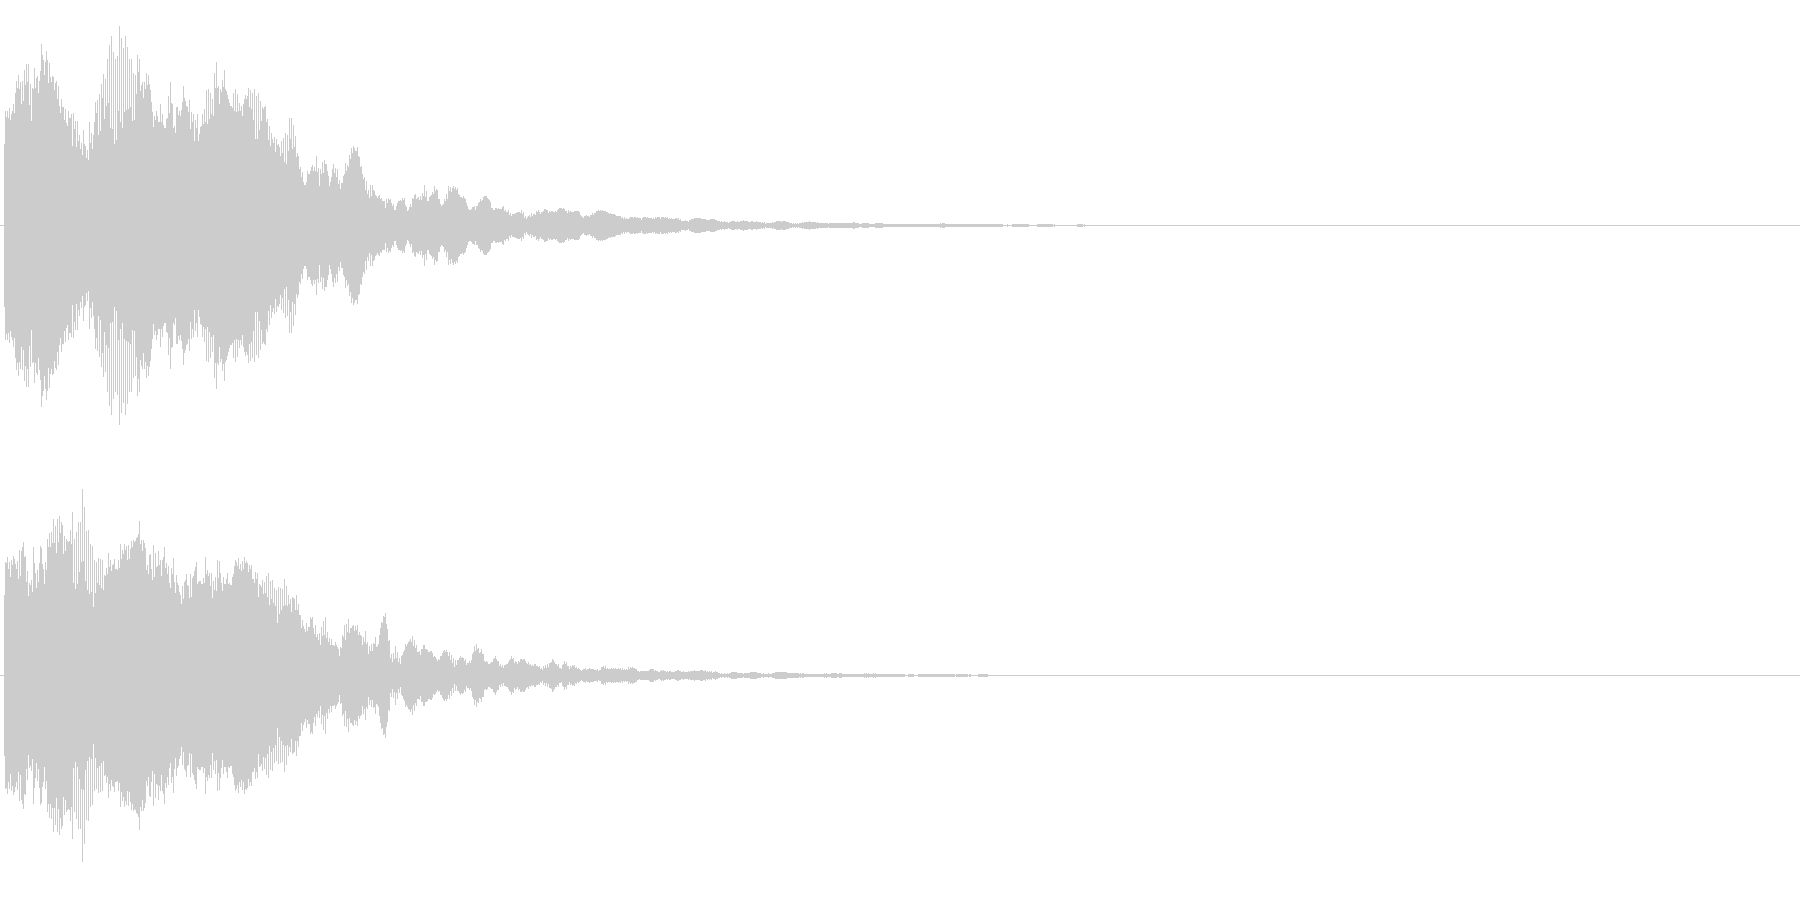 ゲームスタート、決定、ボタン音-168の未再生の波形